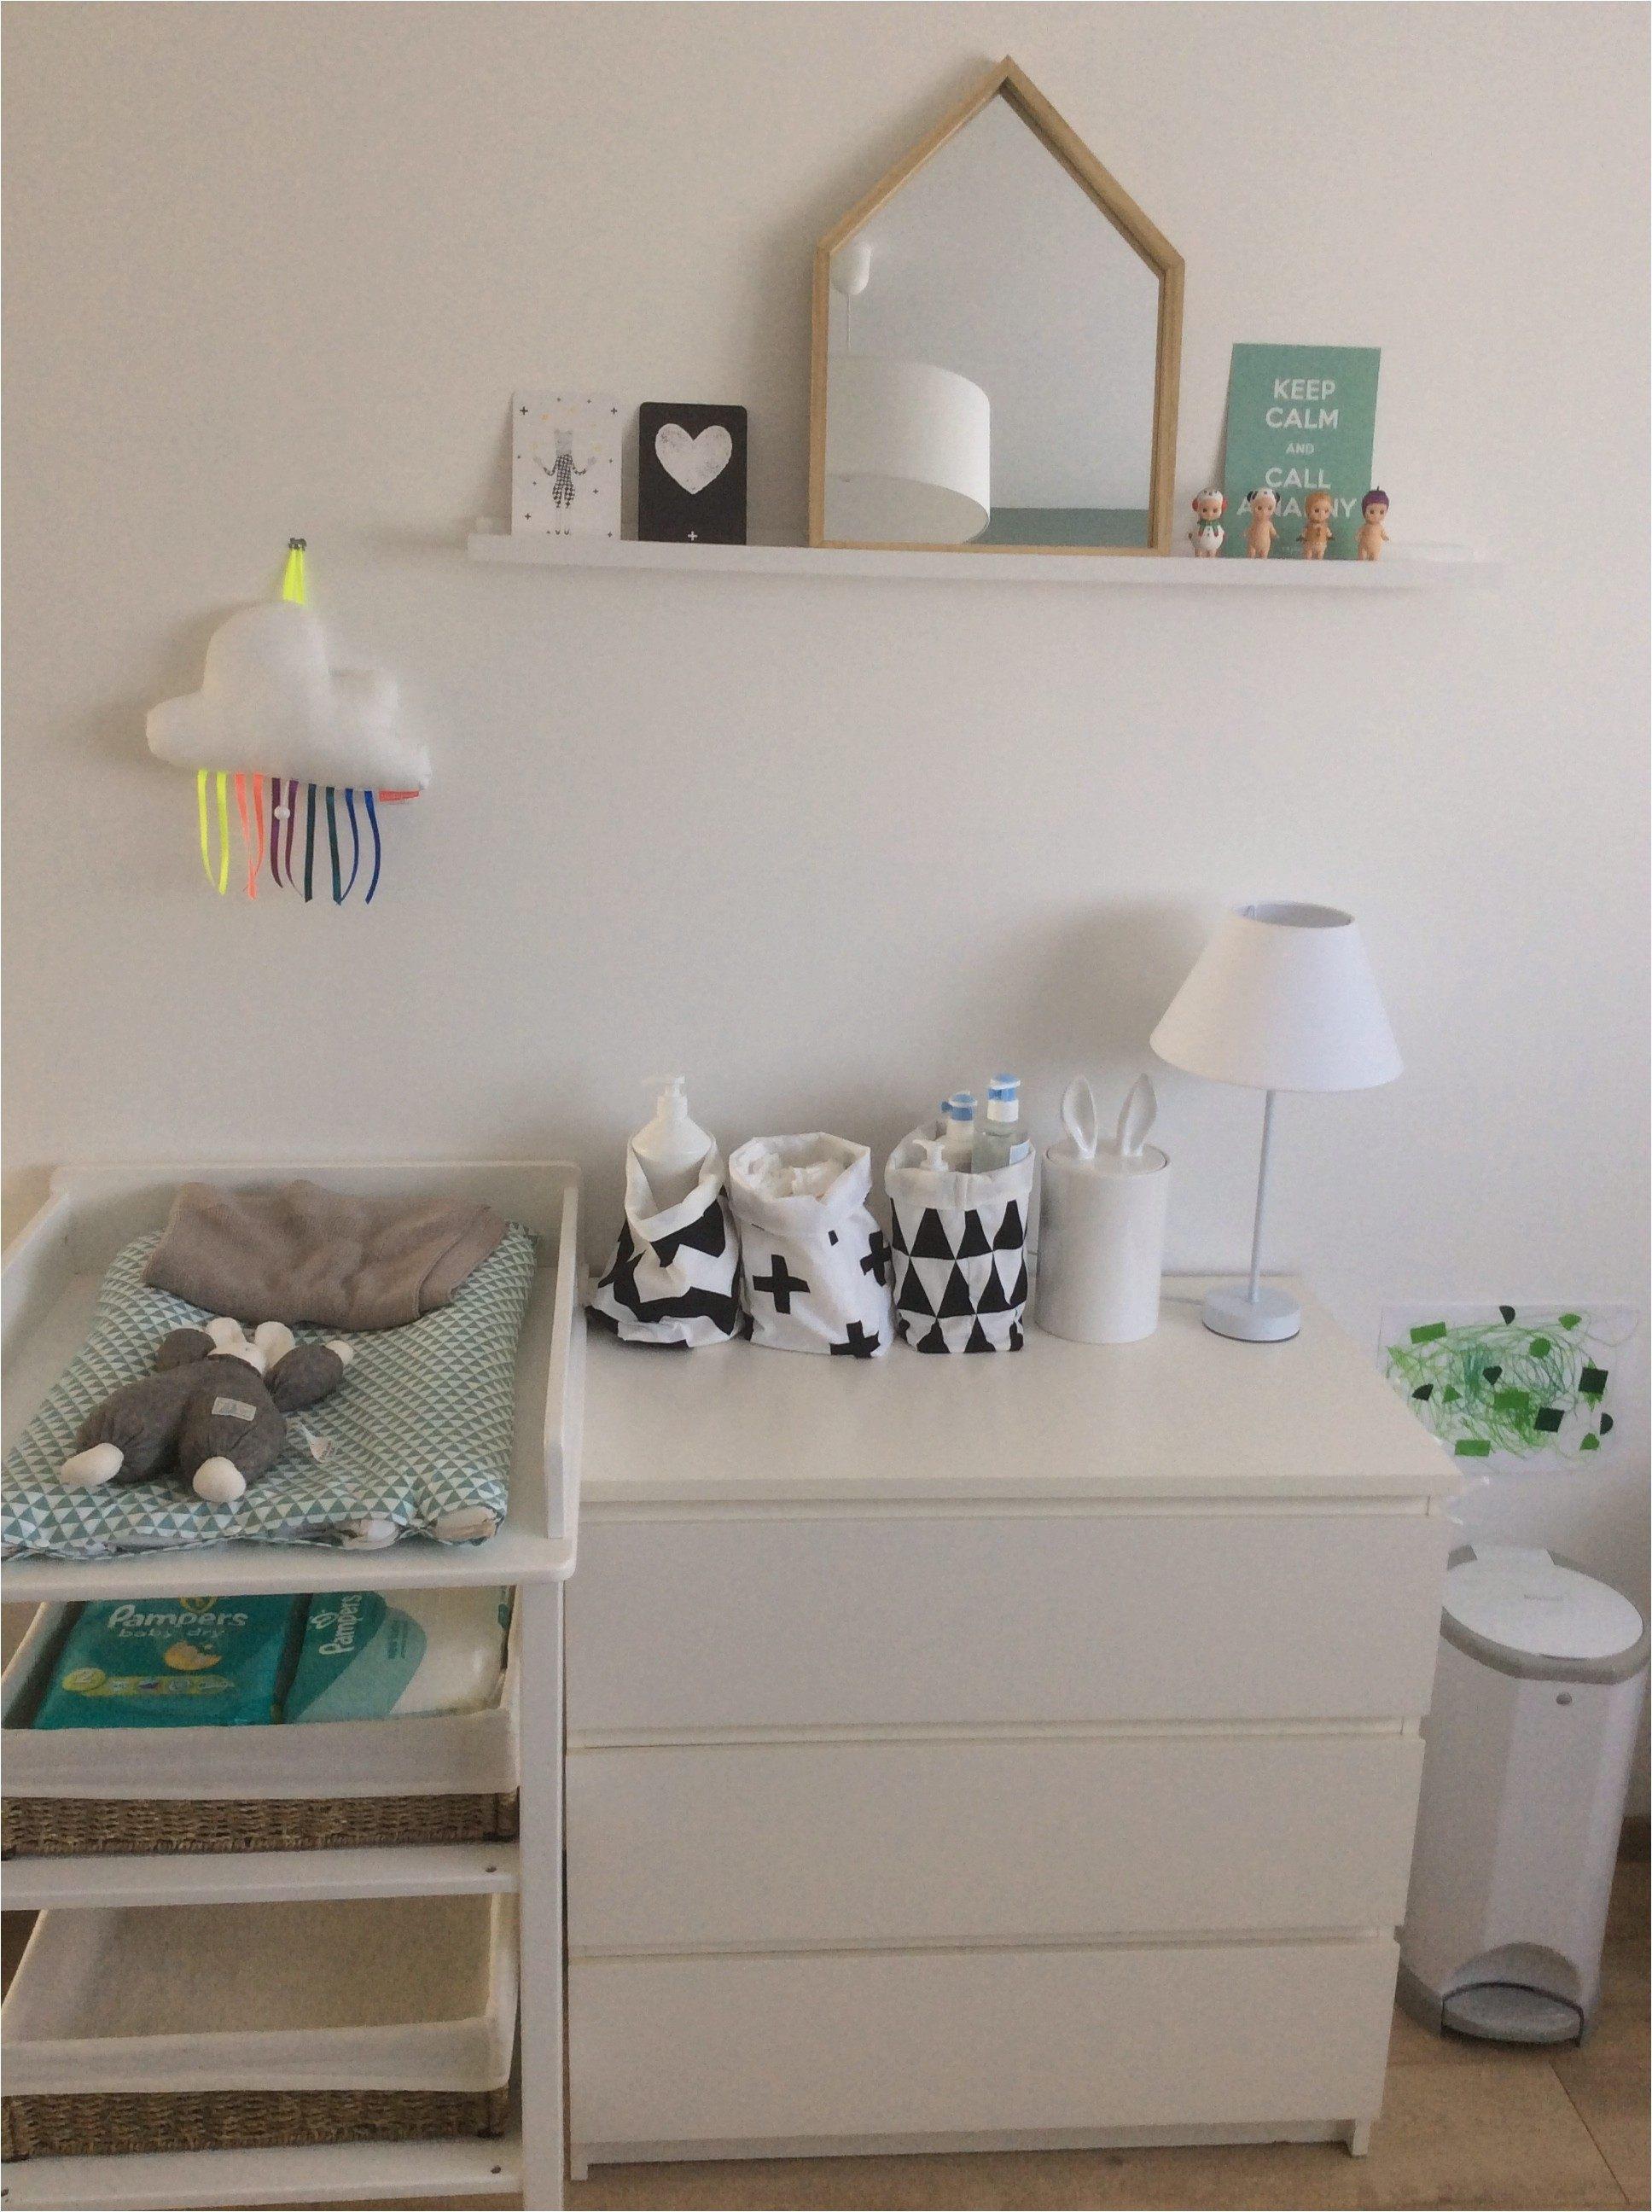 Petit Lit Bébé Magnifique Baignoire Pliante Bébé Beautiful Lit Bebe Luxe 36 Ikea Best De Avec